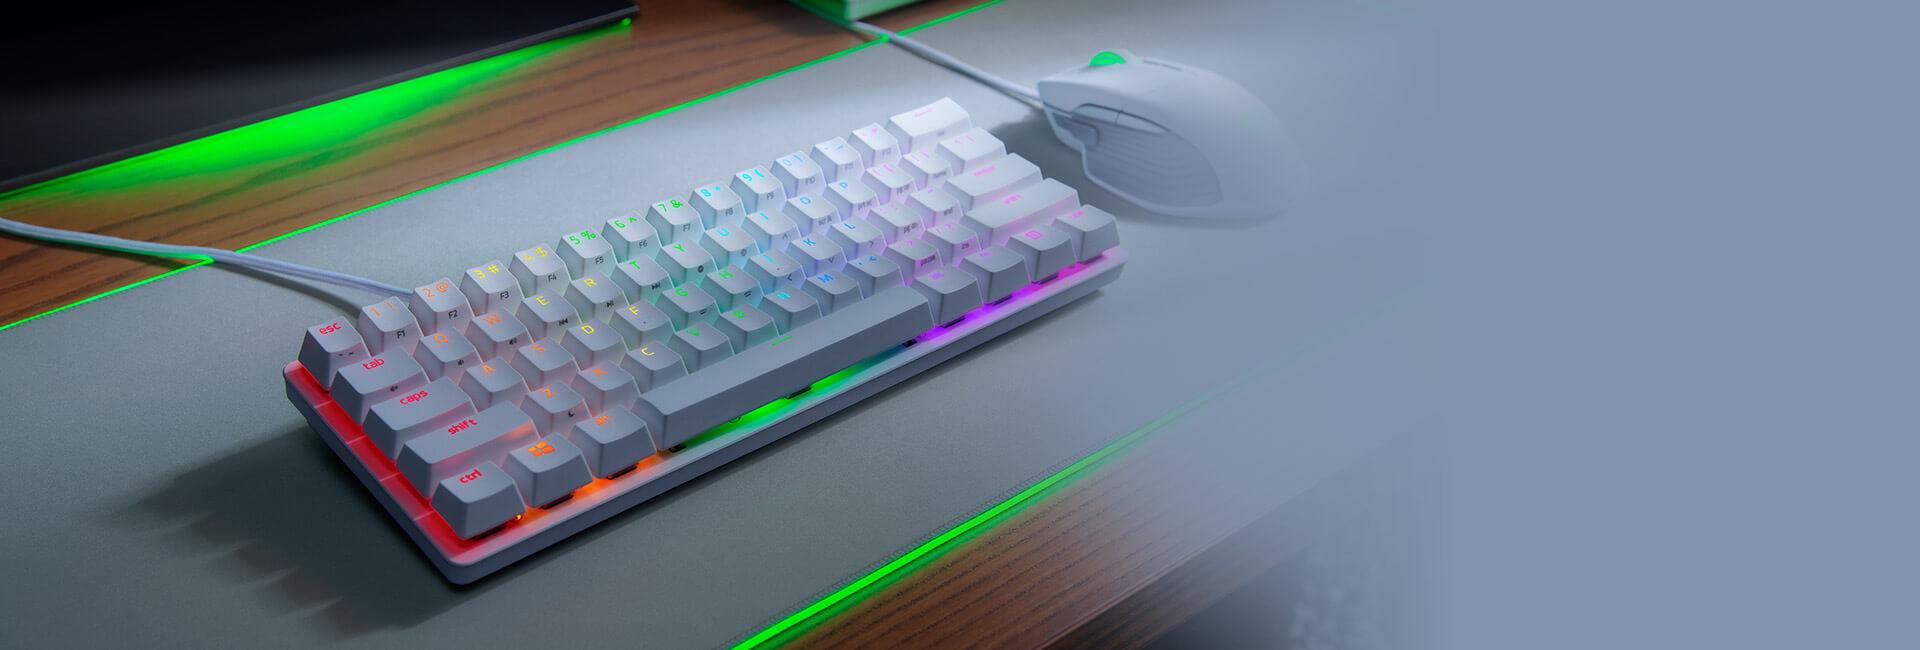 Bàn phím cơ Razer Huntsman Mini Mercury ( Clicky Purple optical switch) (RZ03-03390300-R3M1) có thiết kế 60% gọn nhẹ